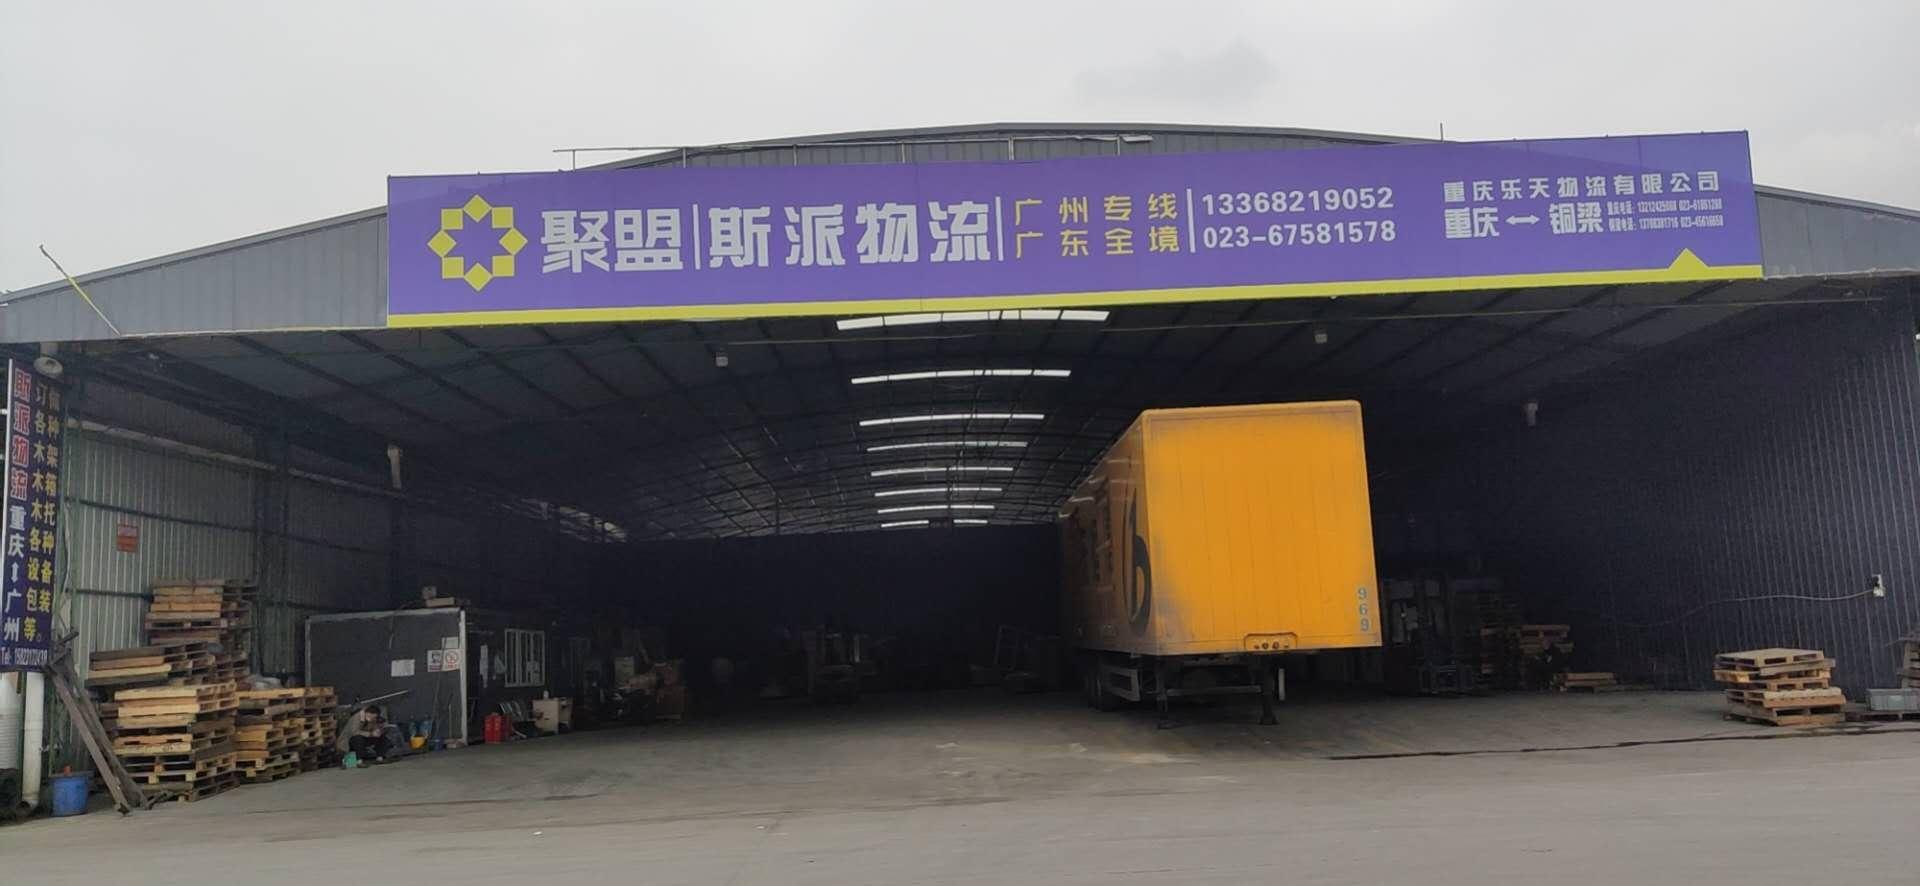 重庆到岳阳物流运输  重庆到岳阳物流公司  重庆到岳阳货运